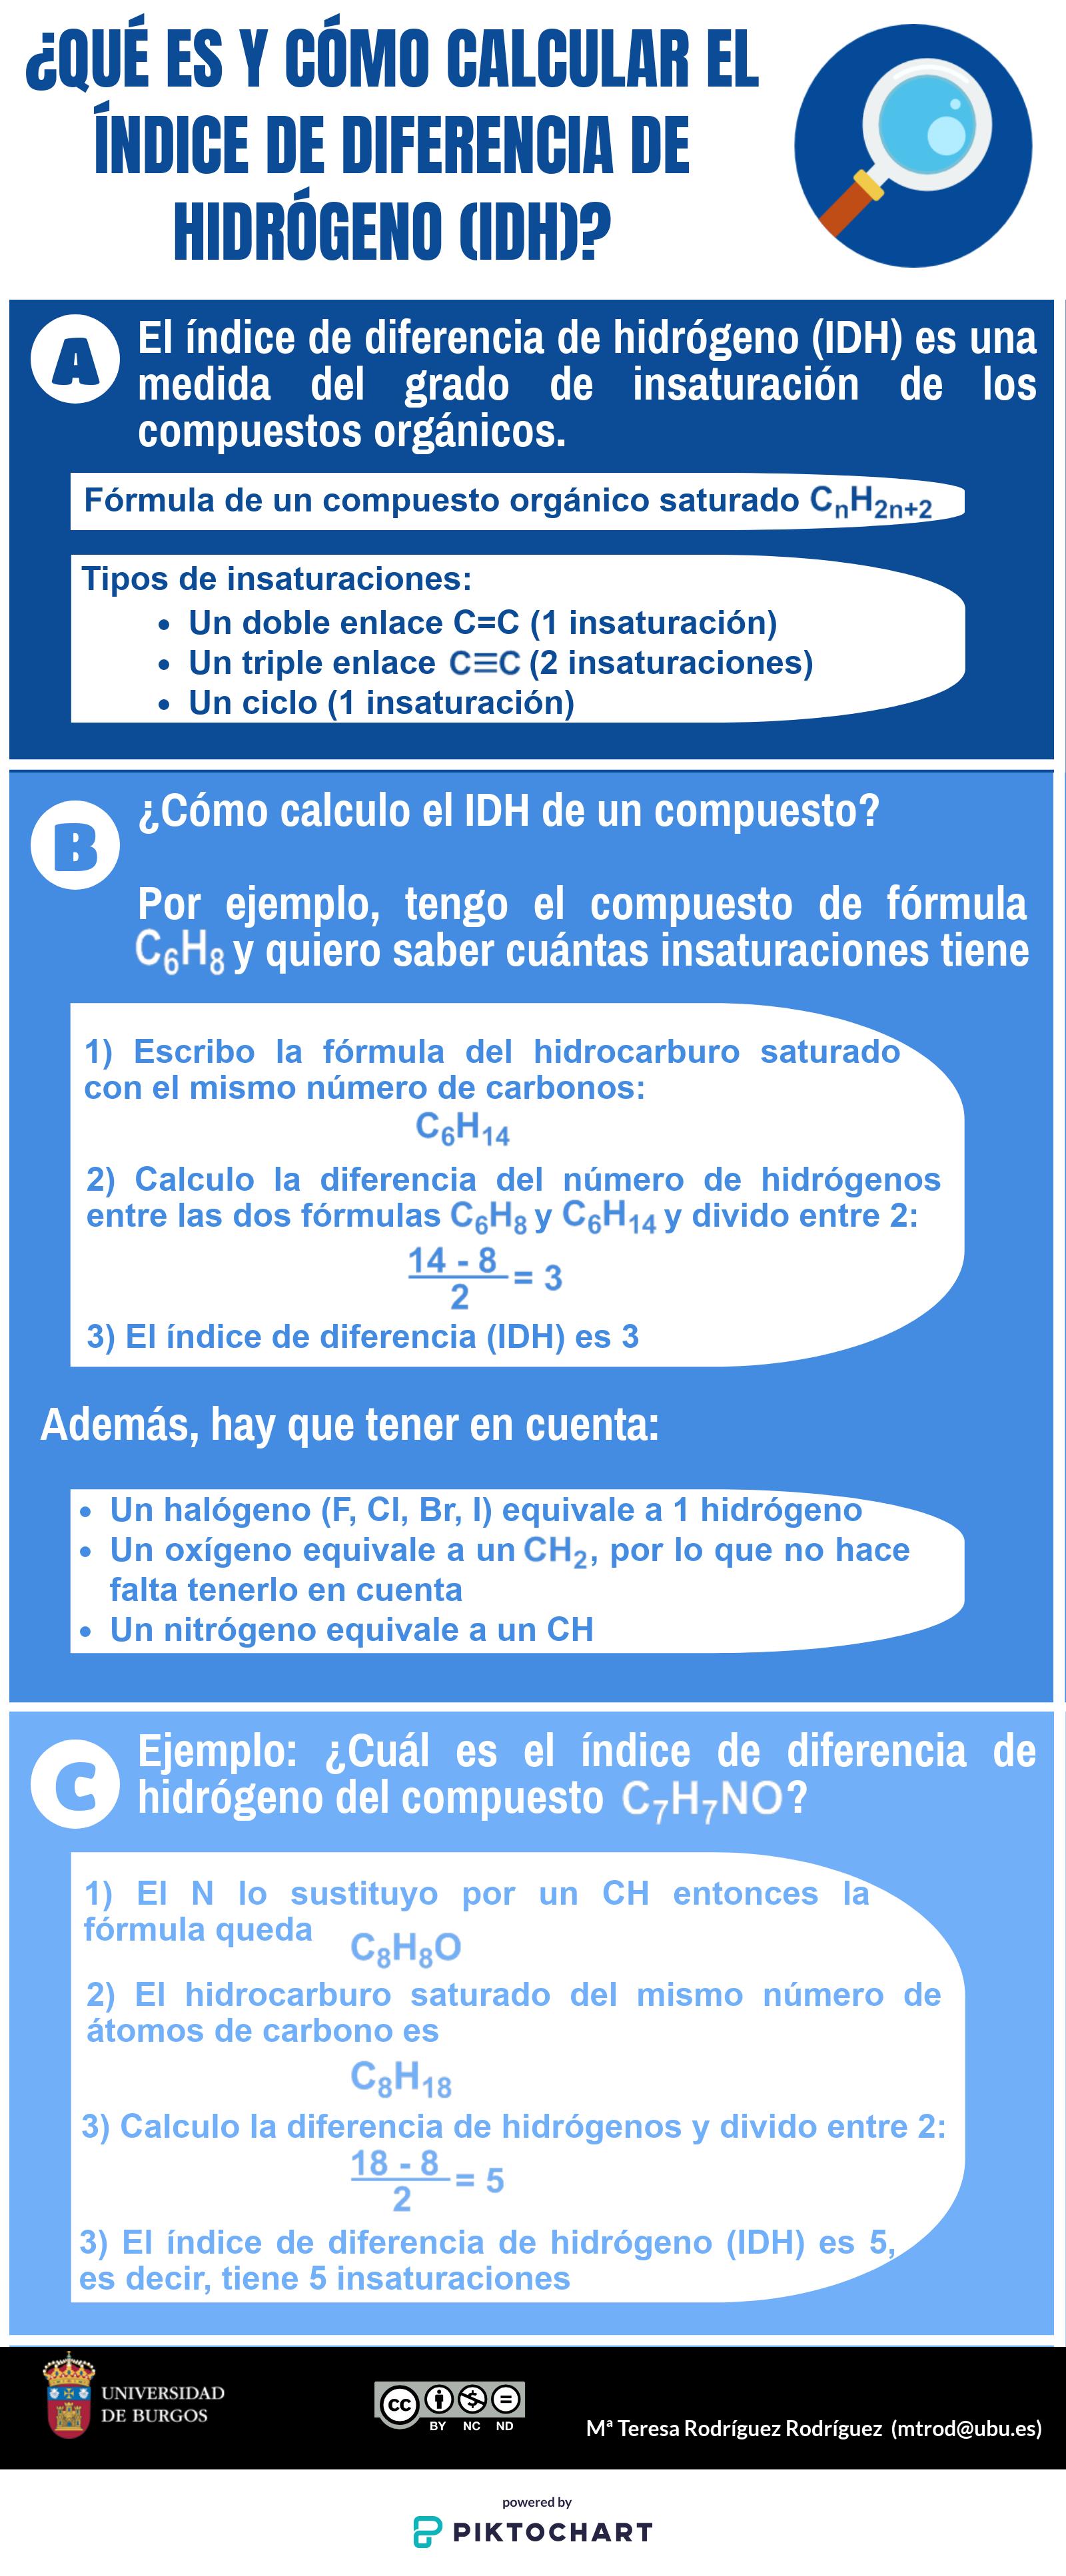 Infografía que explica qué es y como se puede calcular el índice de